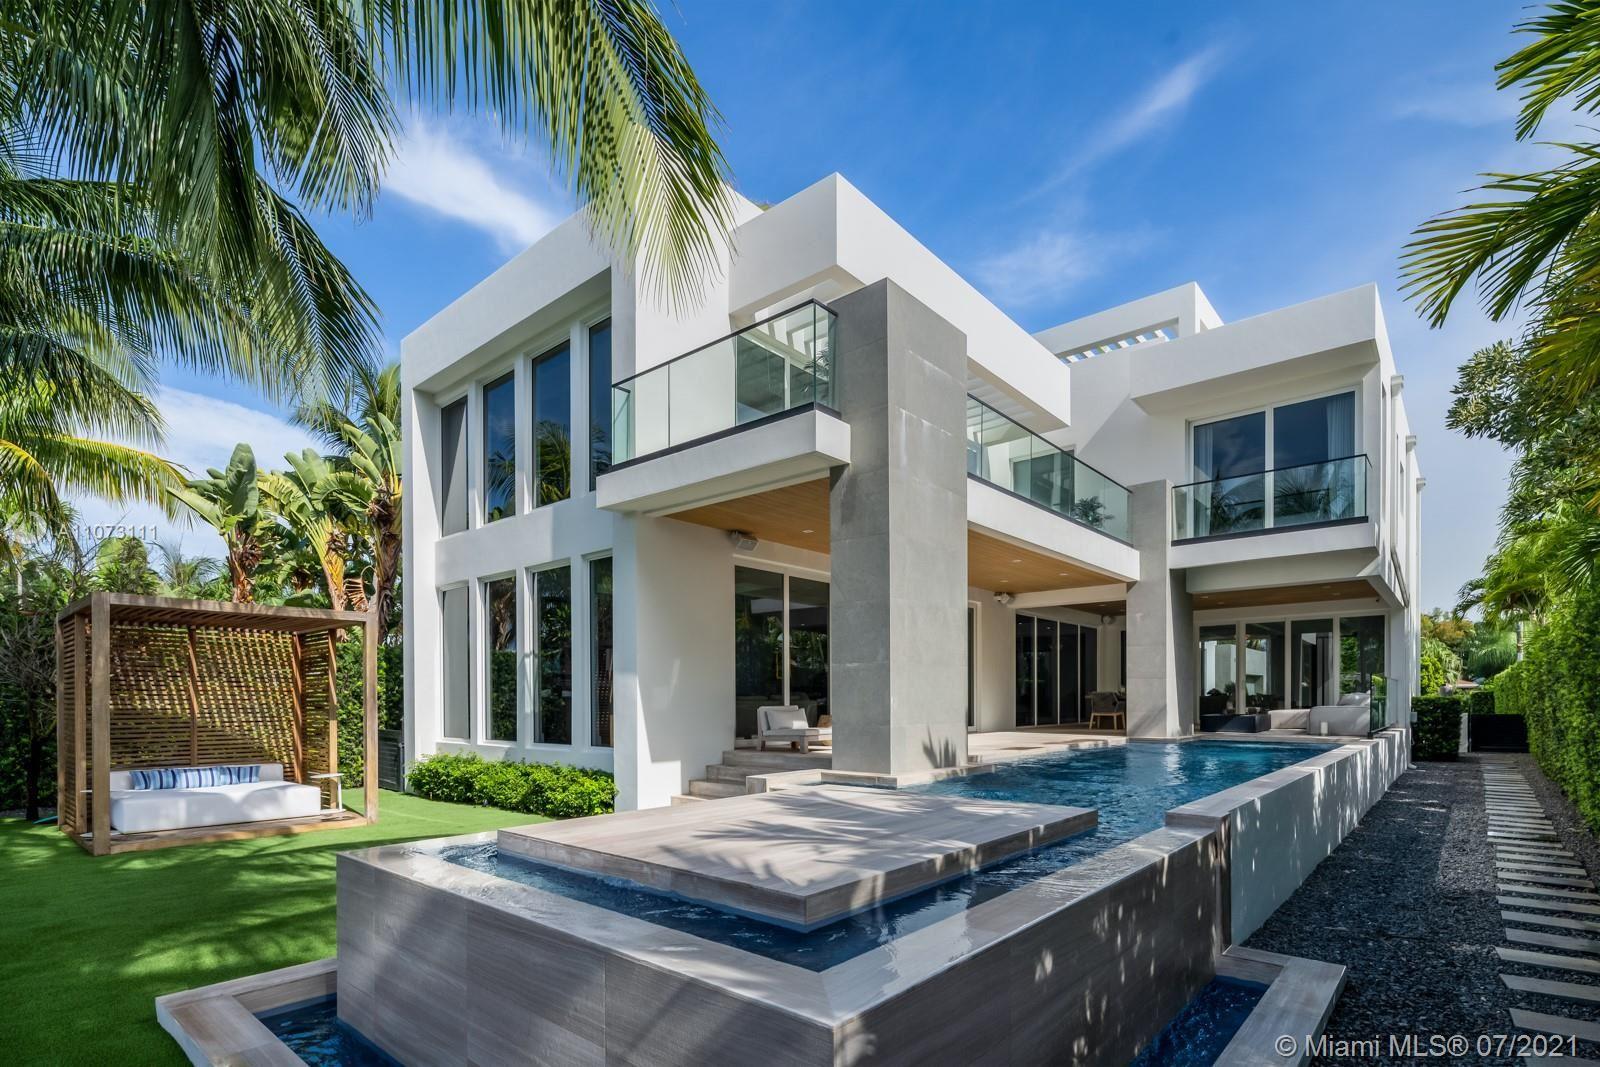 672 S Shore Dr, Miami Beach, FL 33141 - #: A11073111